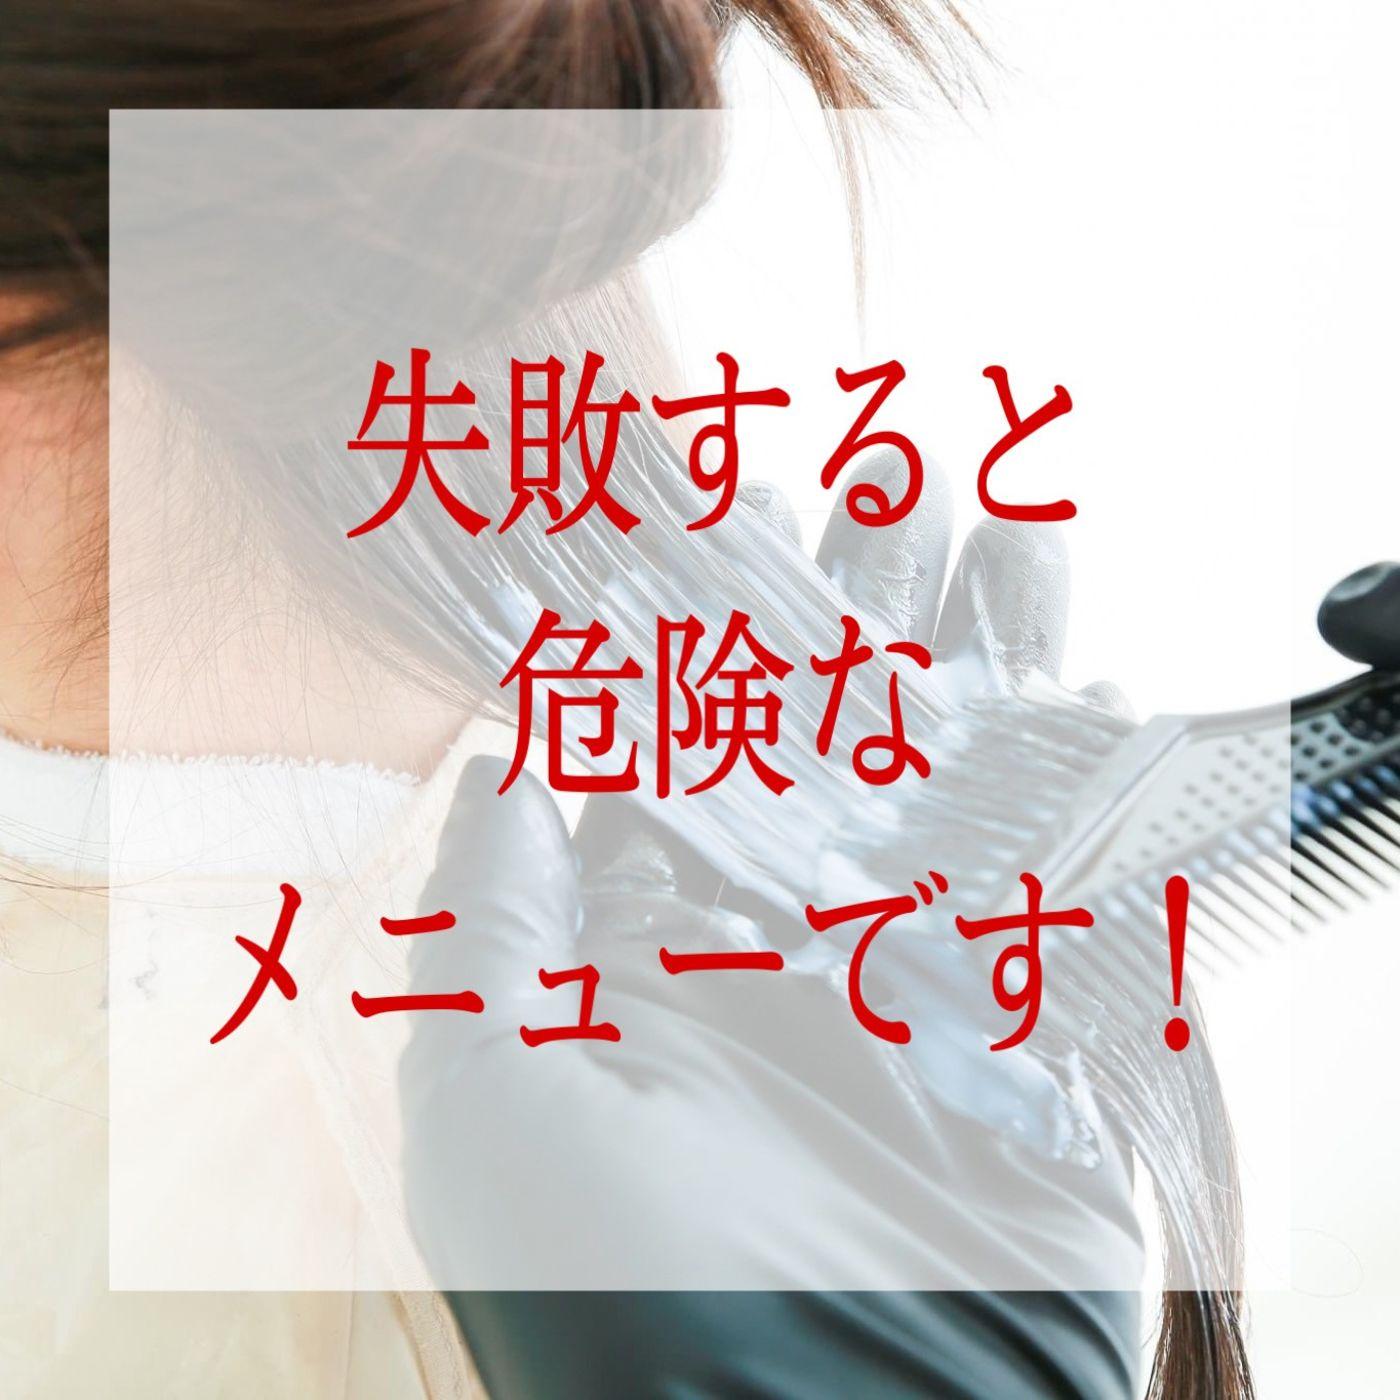 髪質改善・縮毛矯正・ストレート・酸熱は失敗すると危険です!